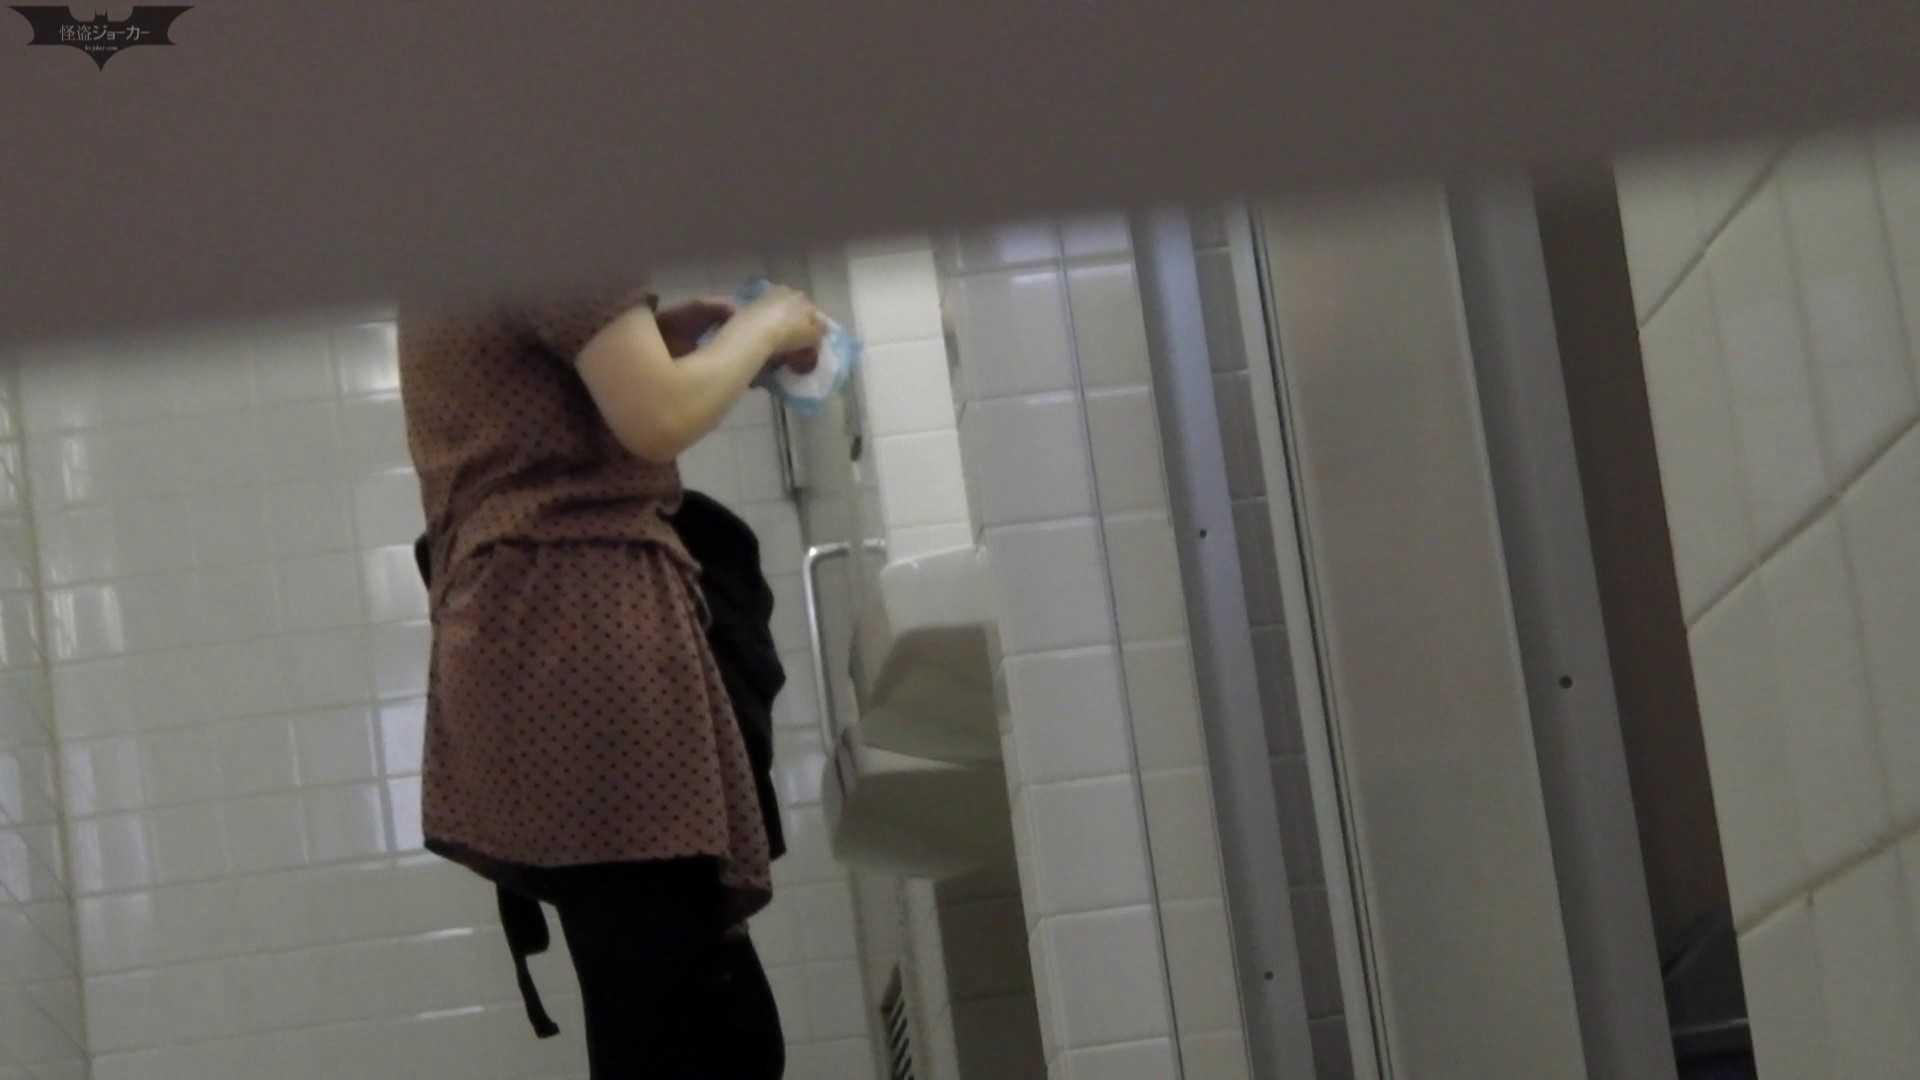 お銀 vol.68 無謀に通路に飛び出て一番明るいフロント撮り実現、見所満載 洗面所 | OL女体  94連発 40